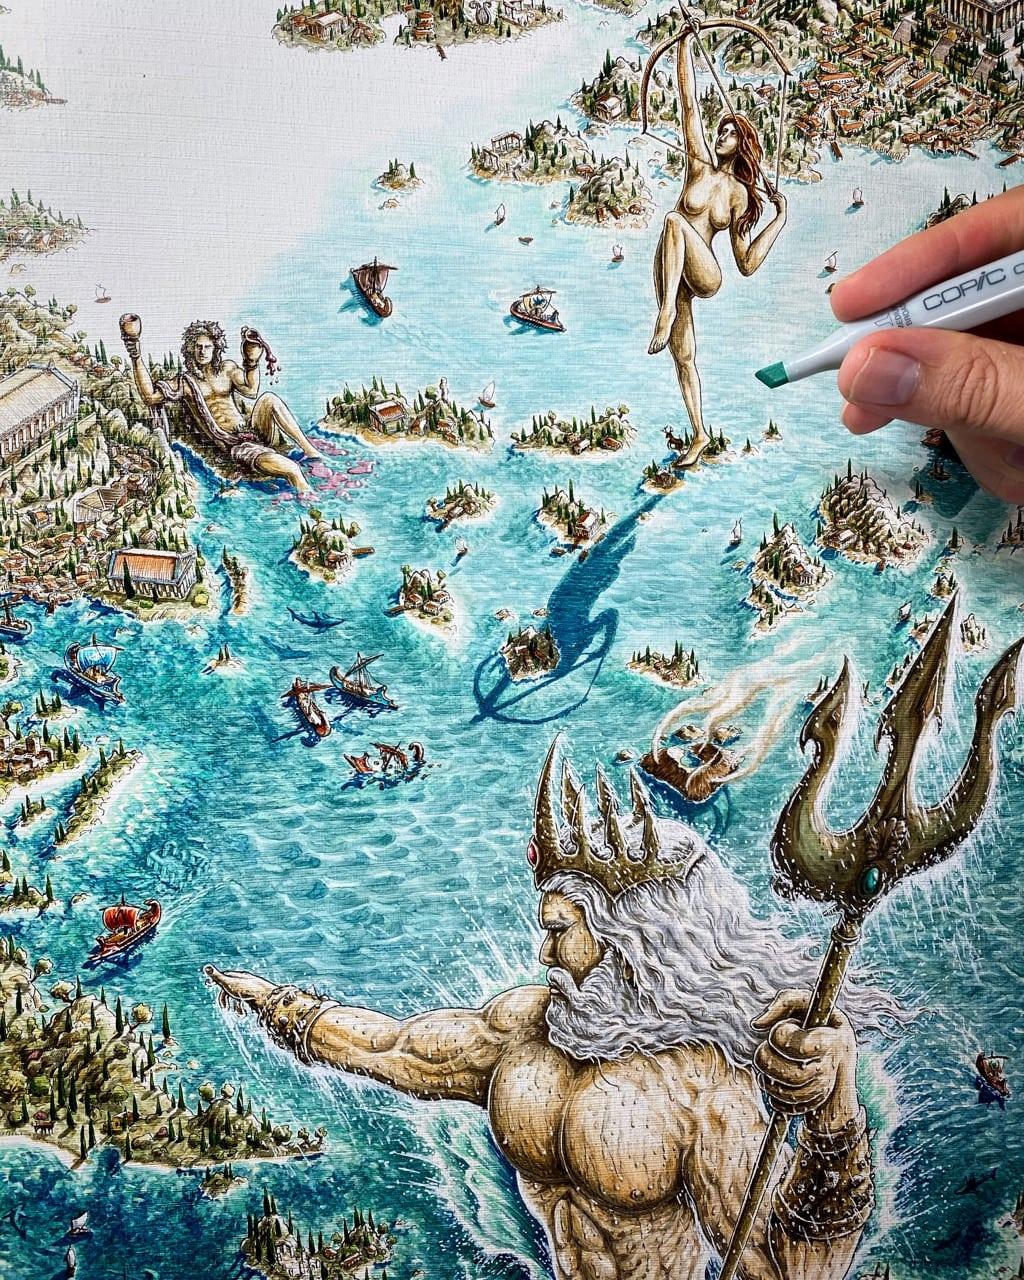 Poseidon in A Greek Odyssey